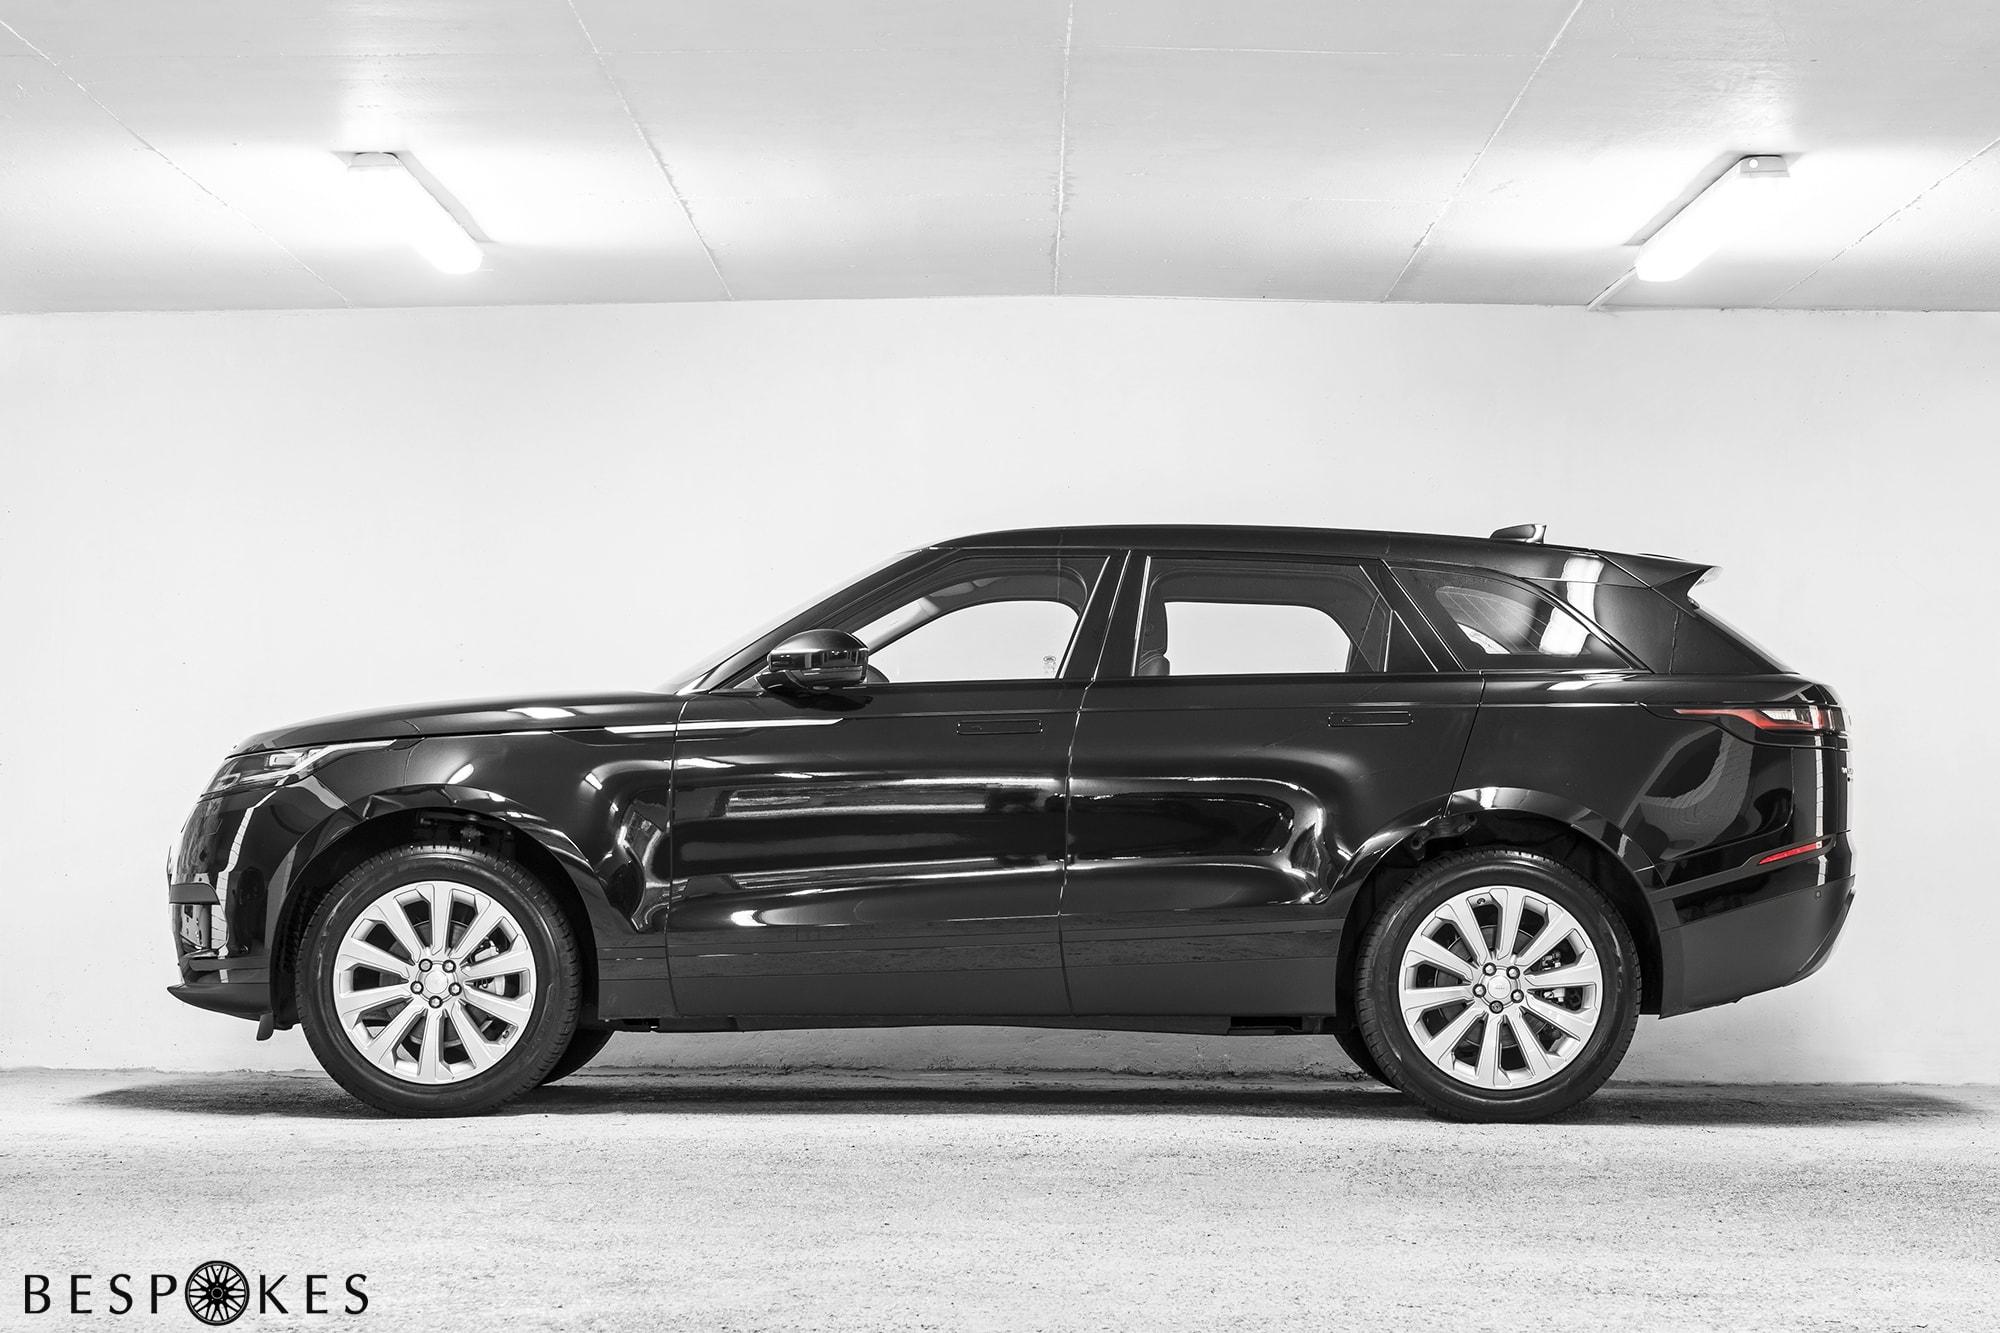 Range Rover Velar S Bespokes